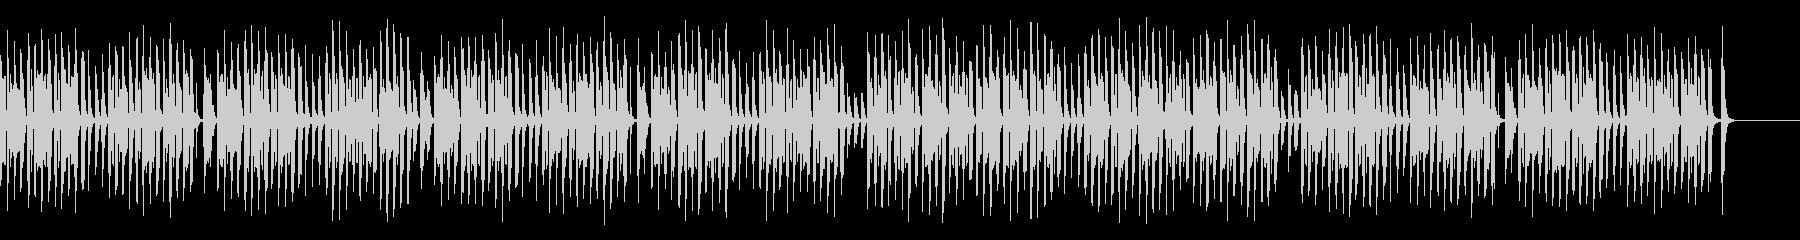 ペットや脱力系映像に合うリコーダーの未再生の波形